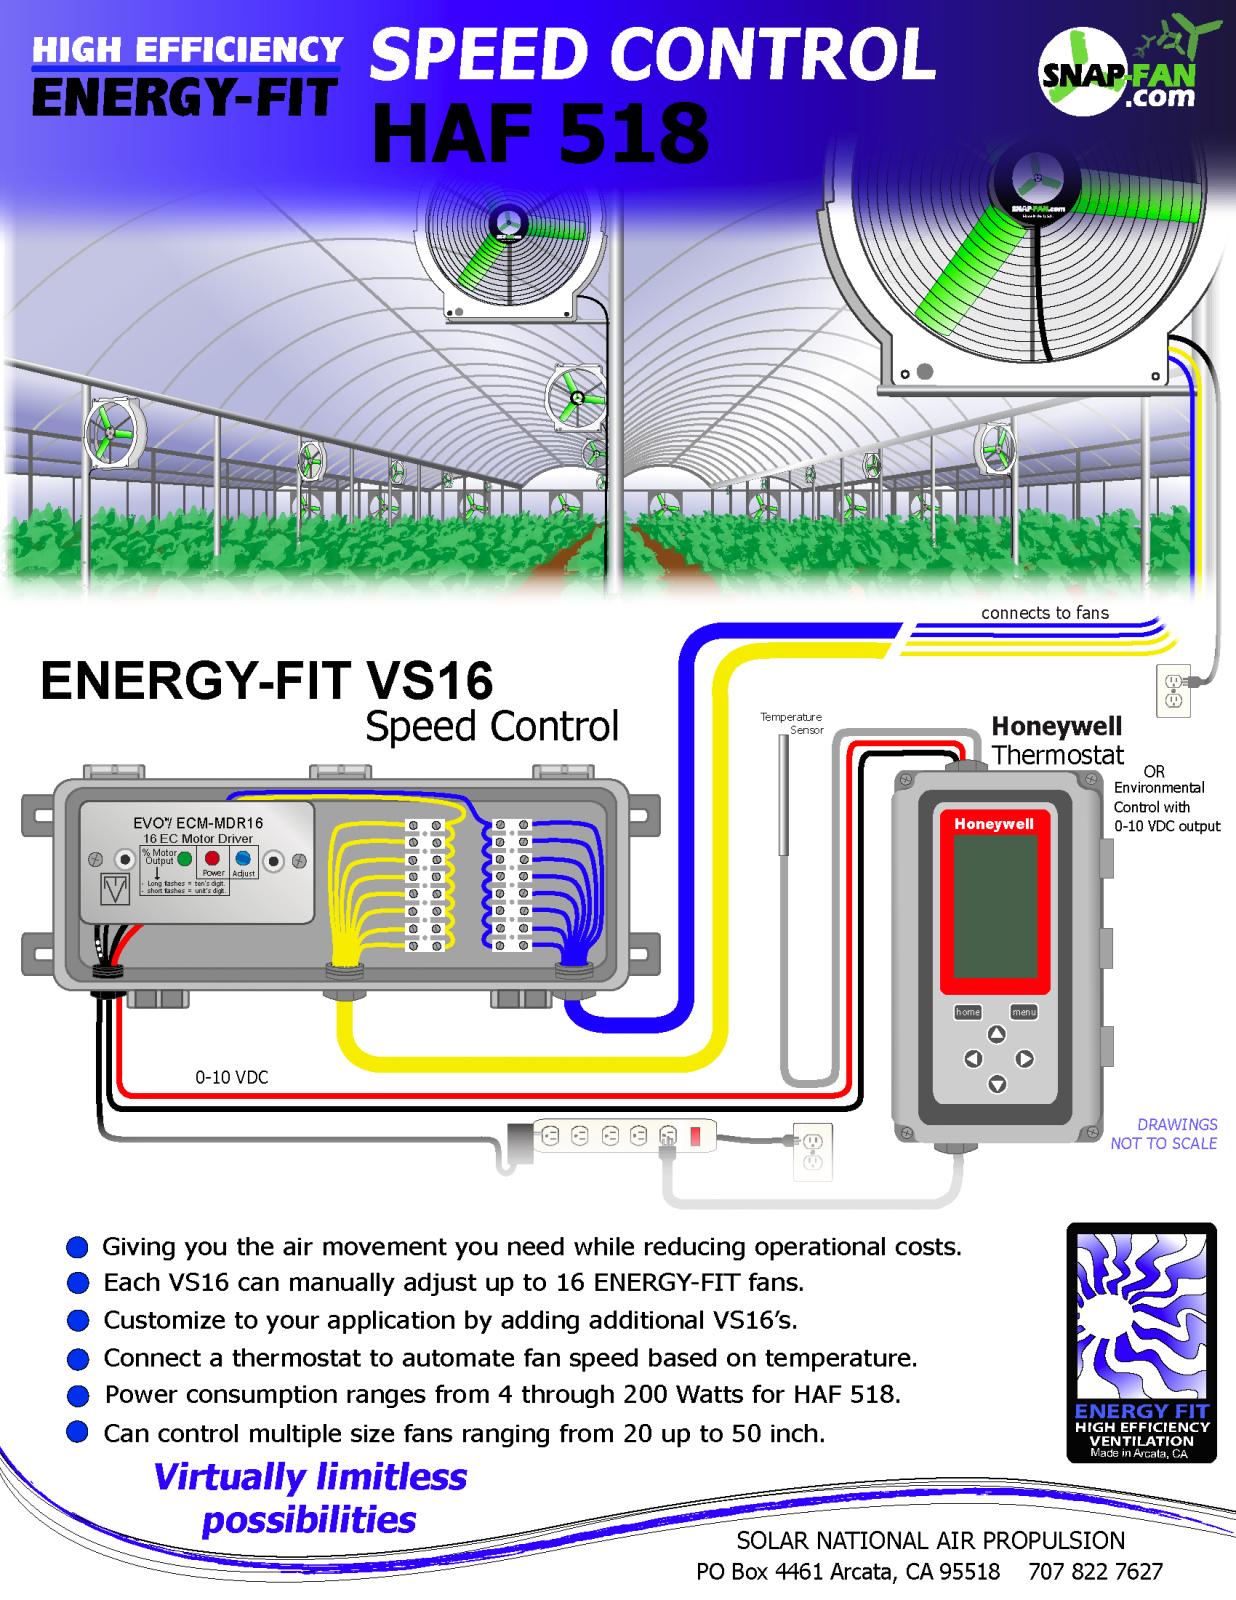 medium resolution of 0 10vdc ecm motor wiring diagram